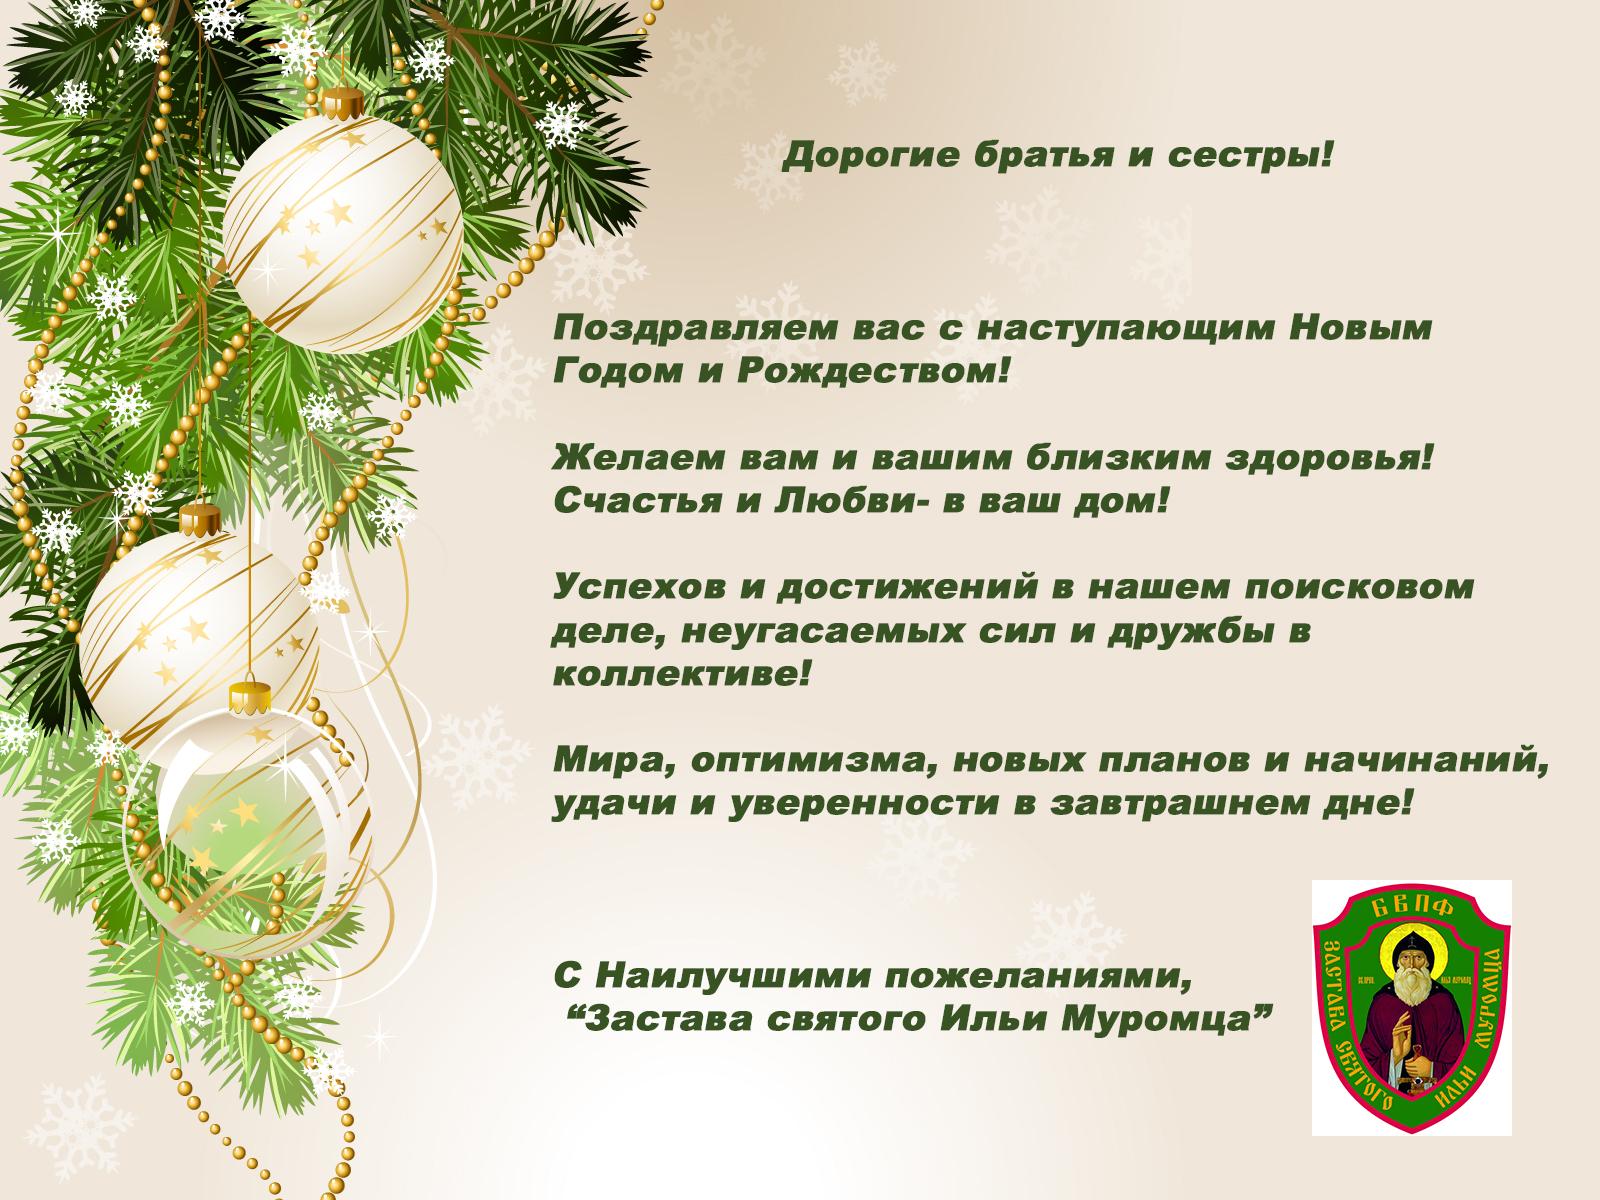 31.12.2016 Поздравляем с наступающим Новым Годом и Рождеством!